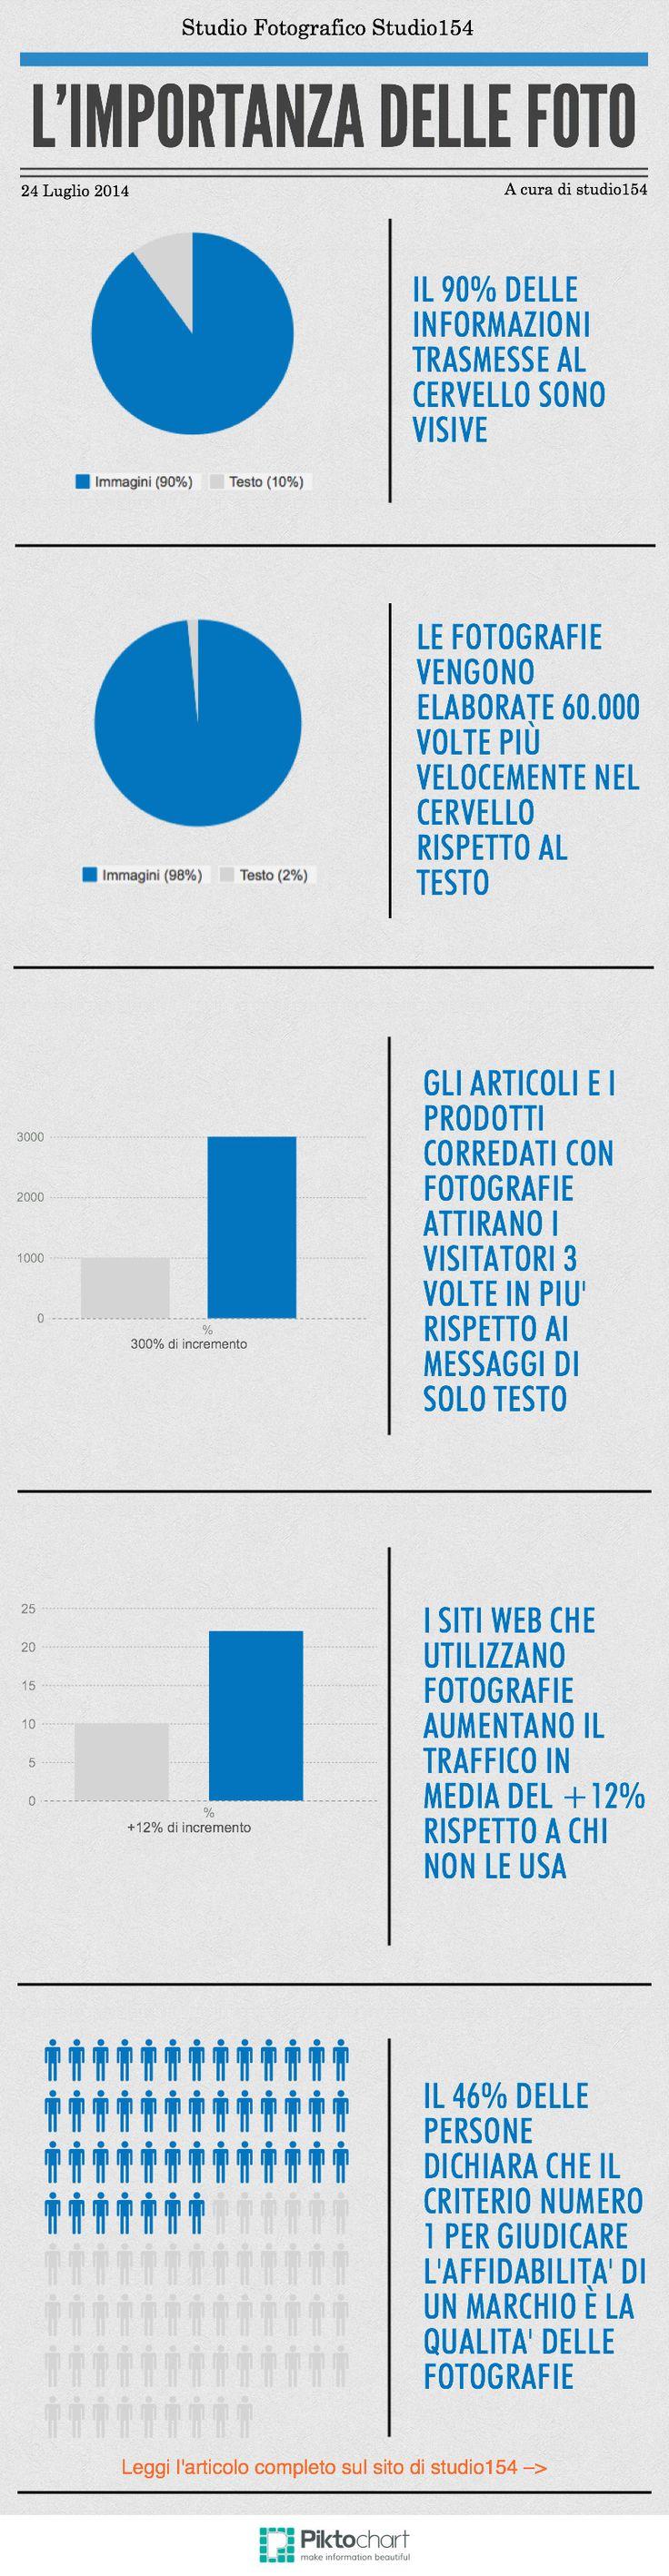 http://studio154.it/far-crescere-le-vendite/ Il potere delle fotografie   @Piktochart Infographic